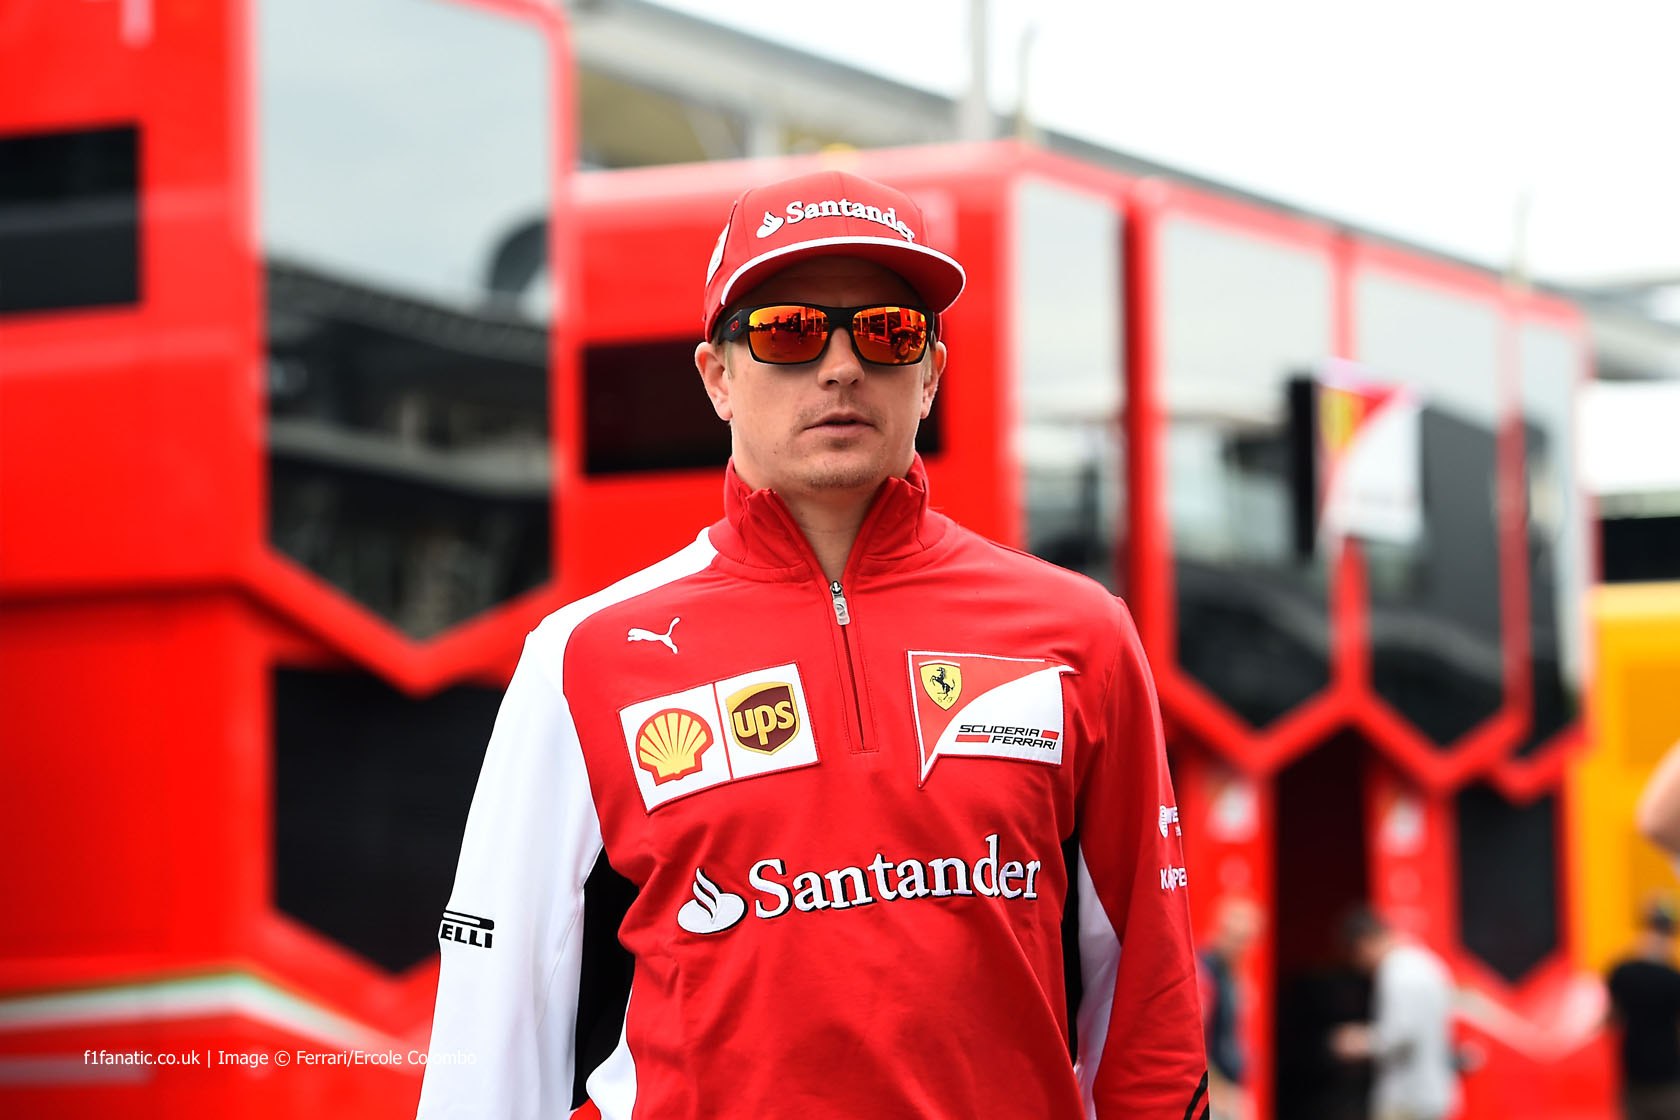 Kimi Raikkonen, Ferrari, Monza, 2014